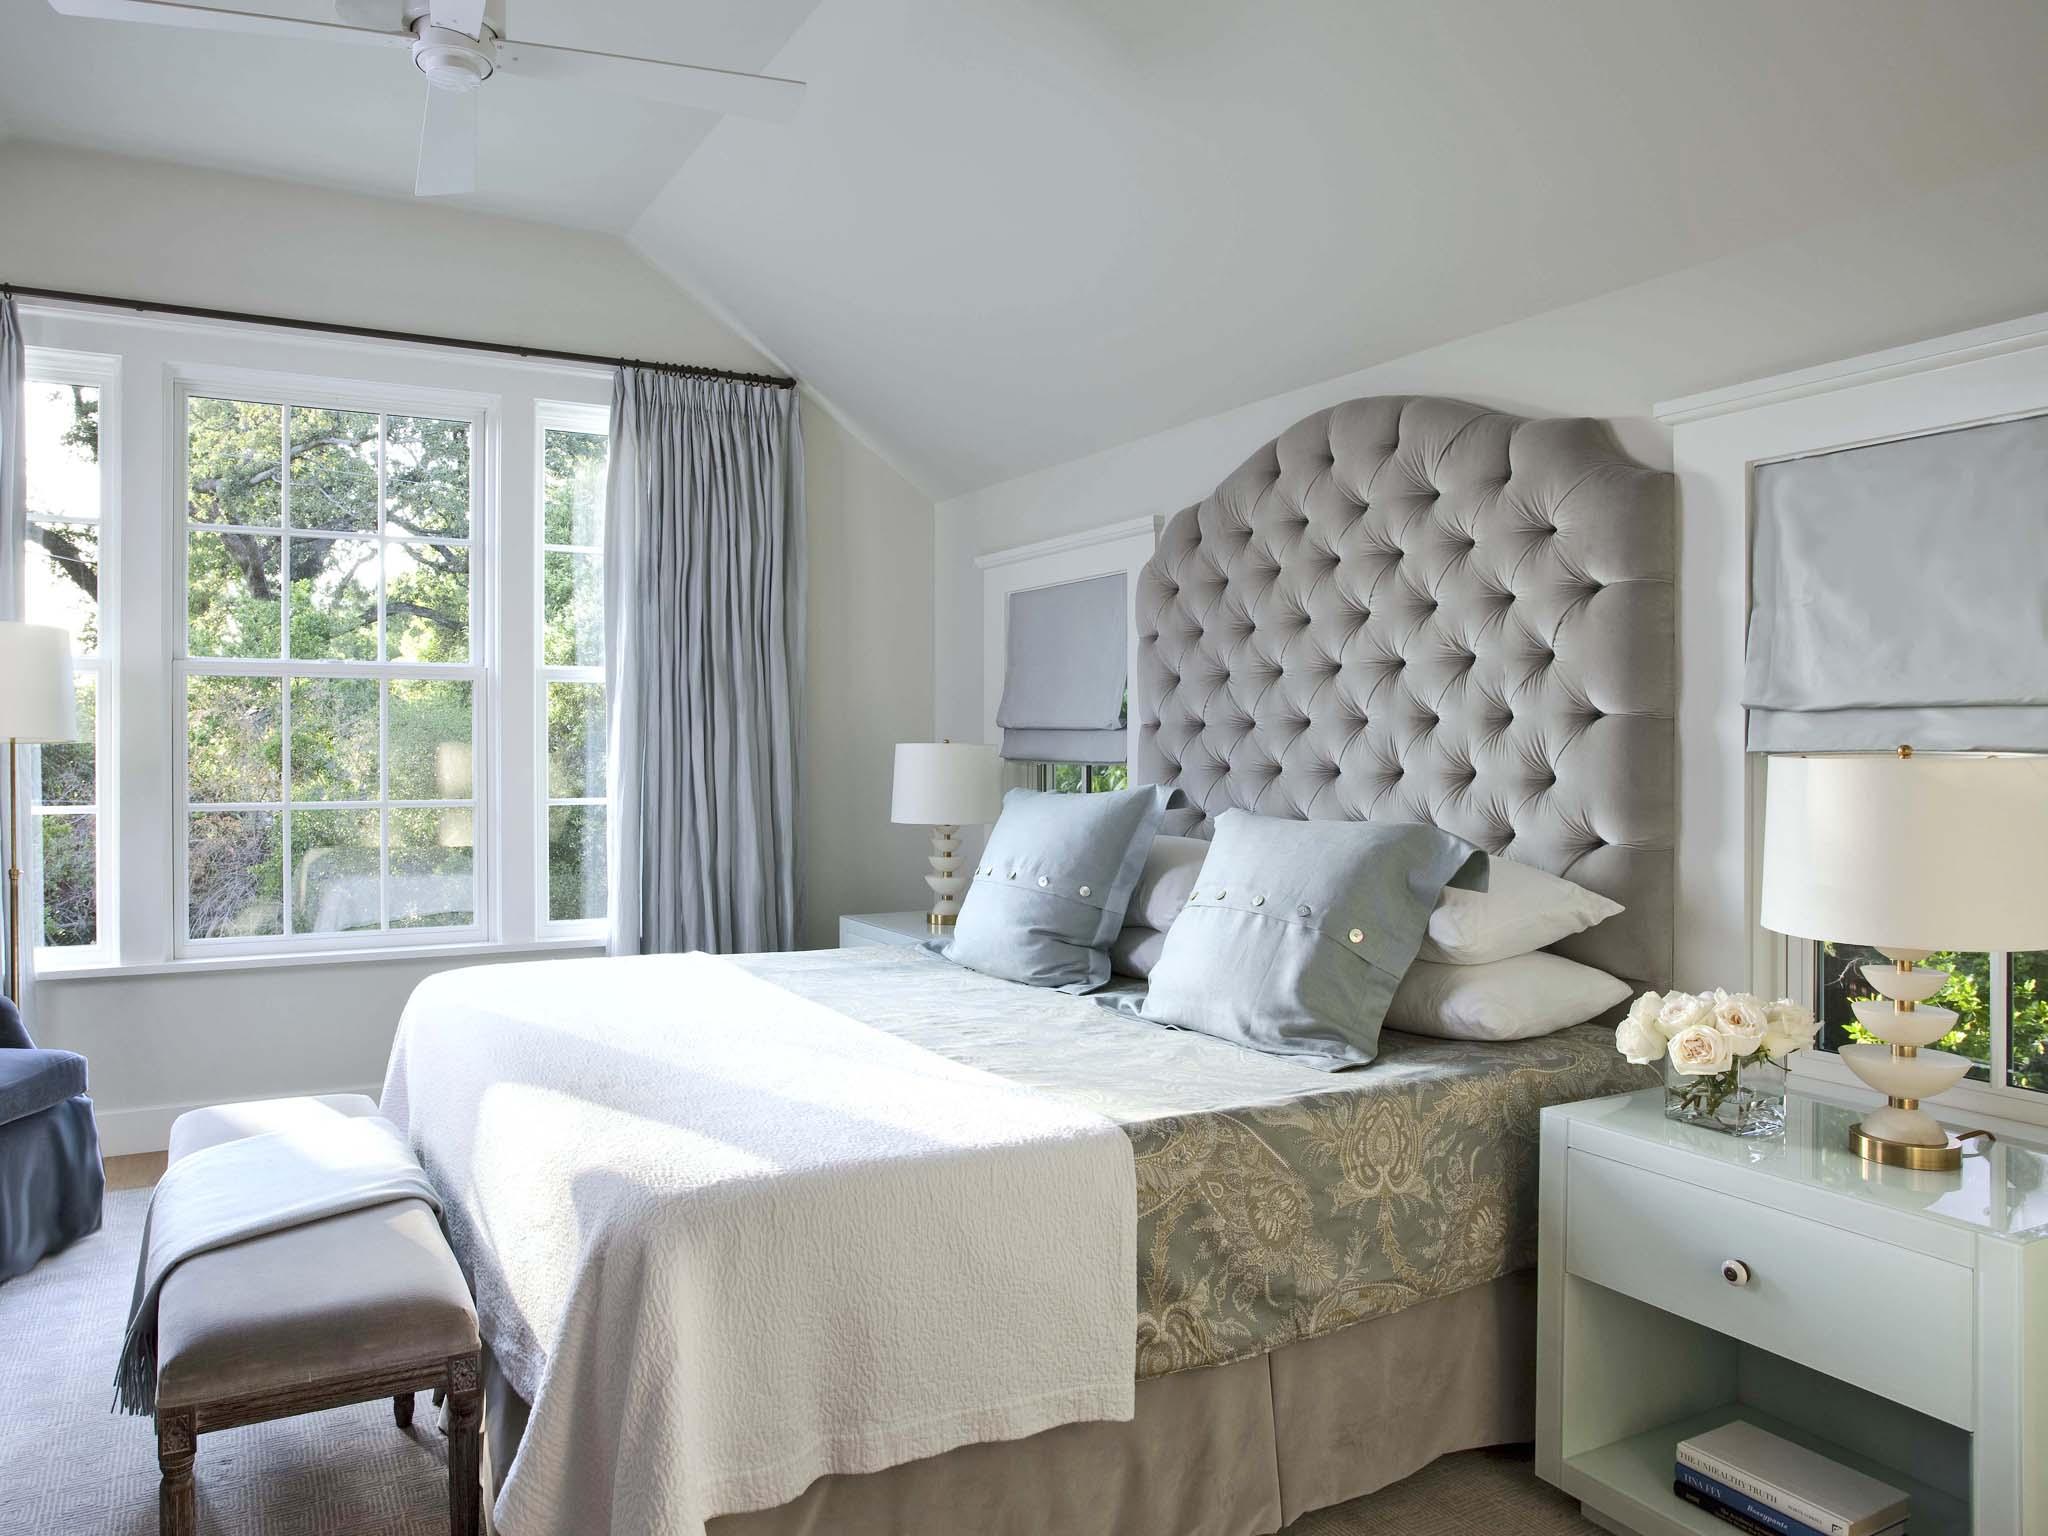 Кровать изголовьем к окну в голубой спальне